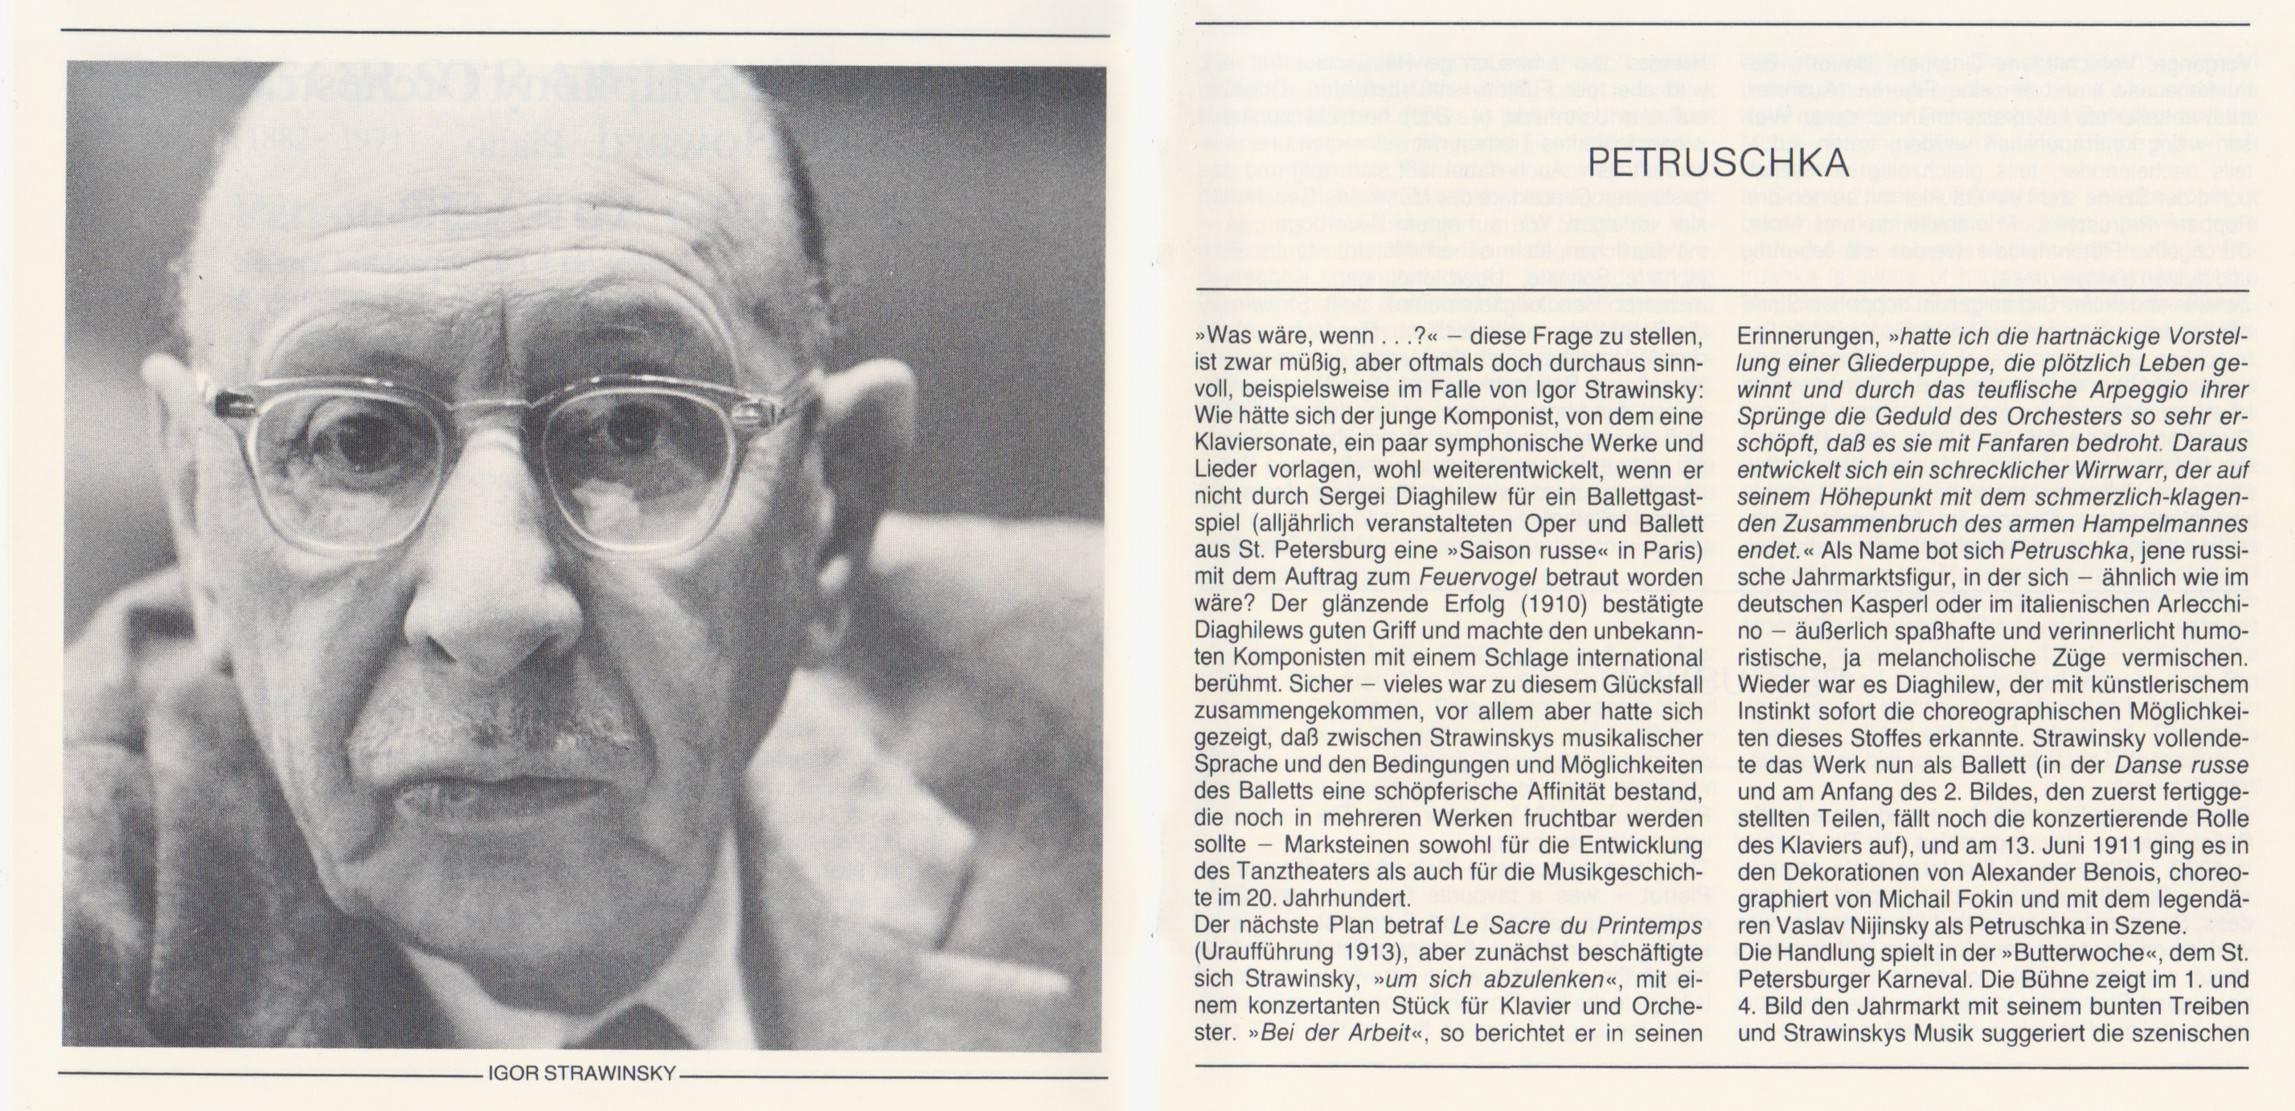 Stravinsky - Petrouchka (original 1911 version) - LSO, Abbado (1981) {Deutsche Grammophon 400 042-2}